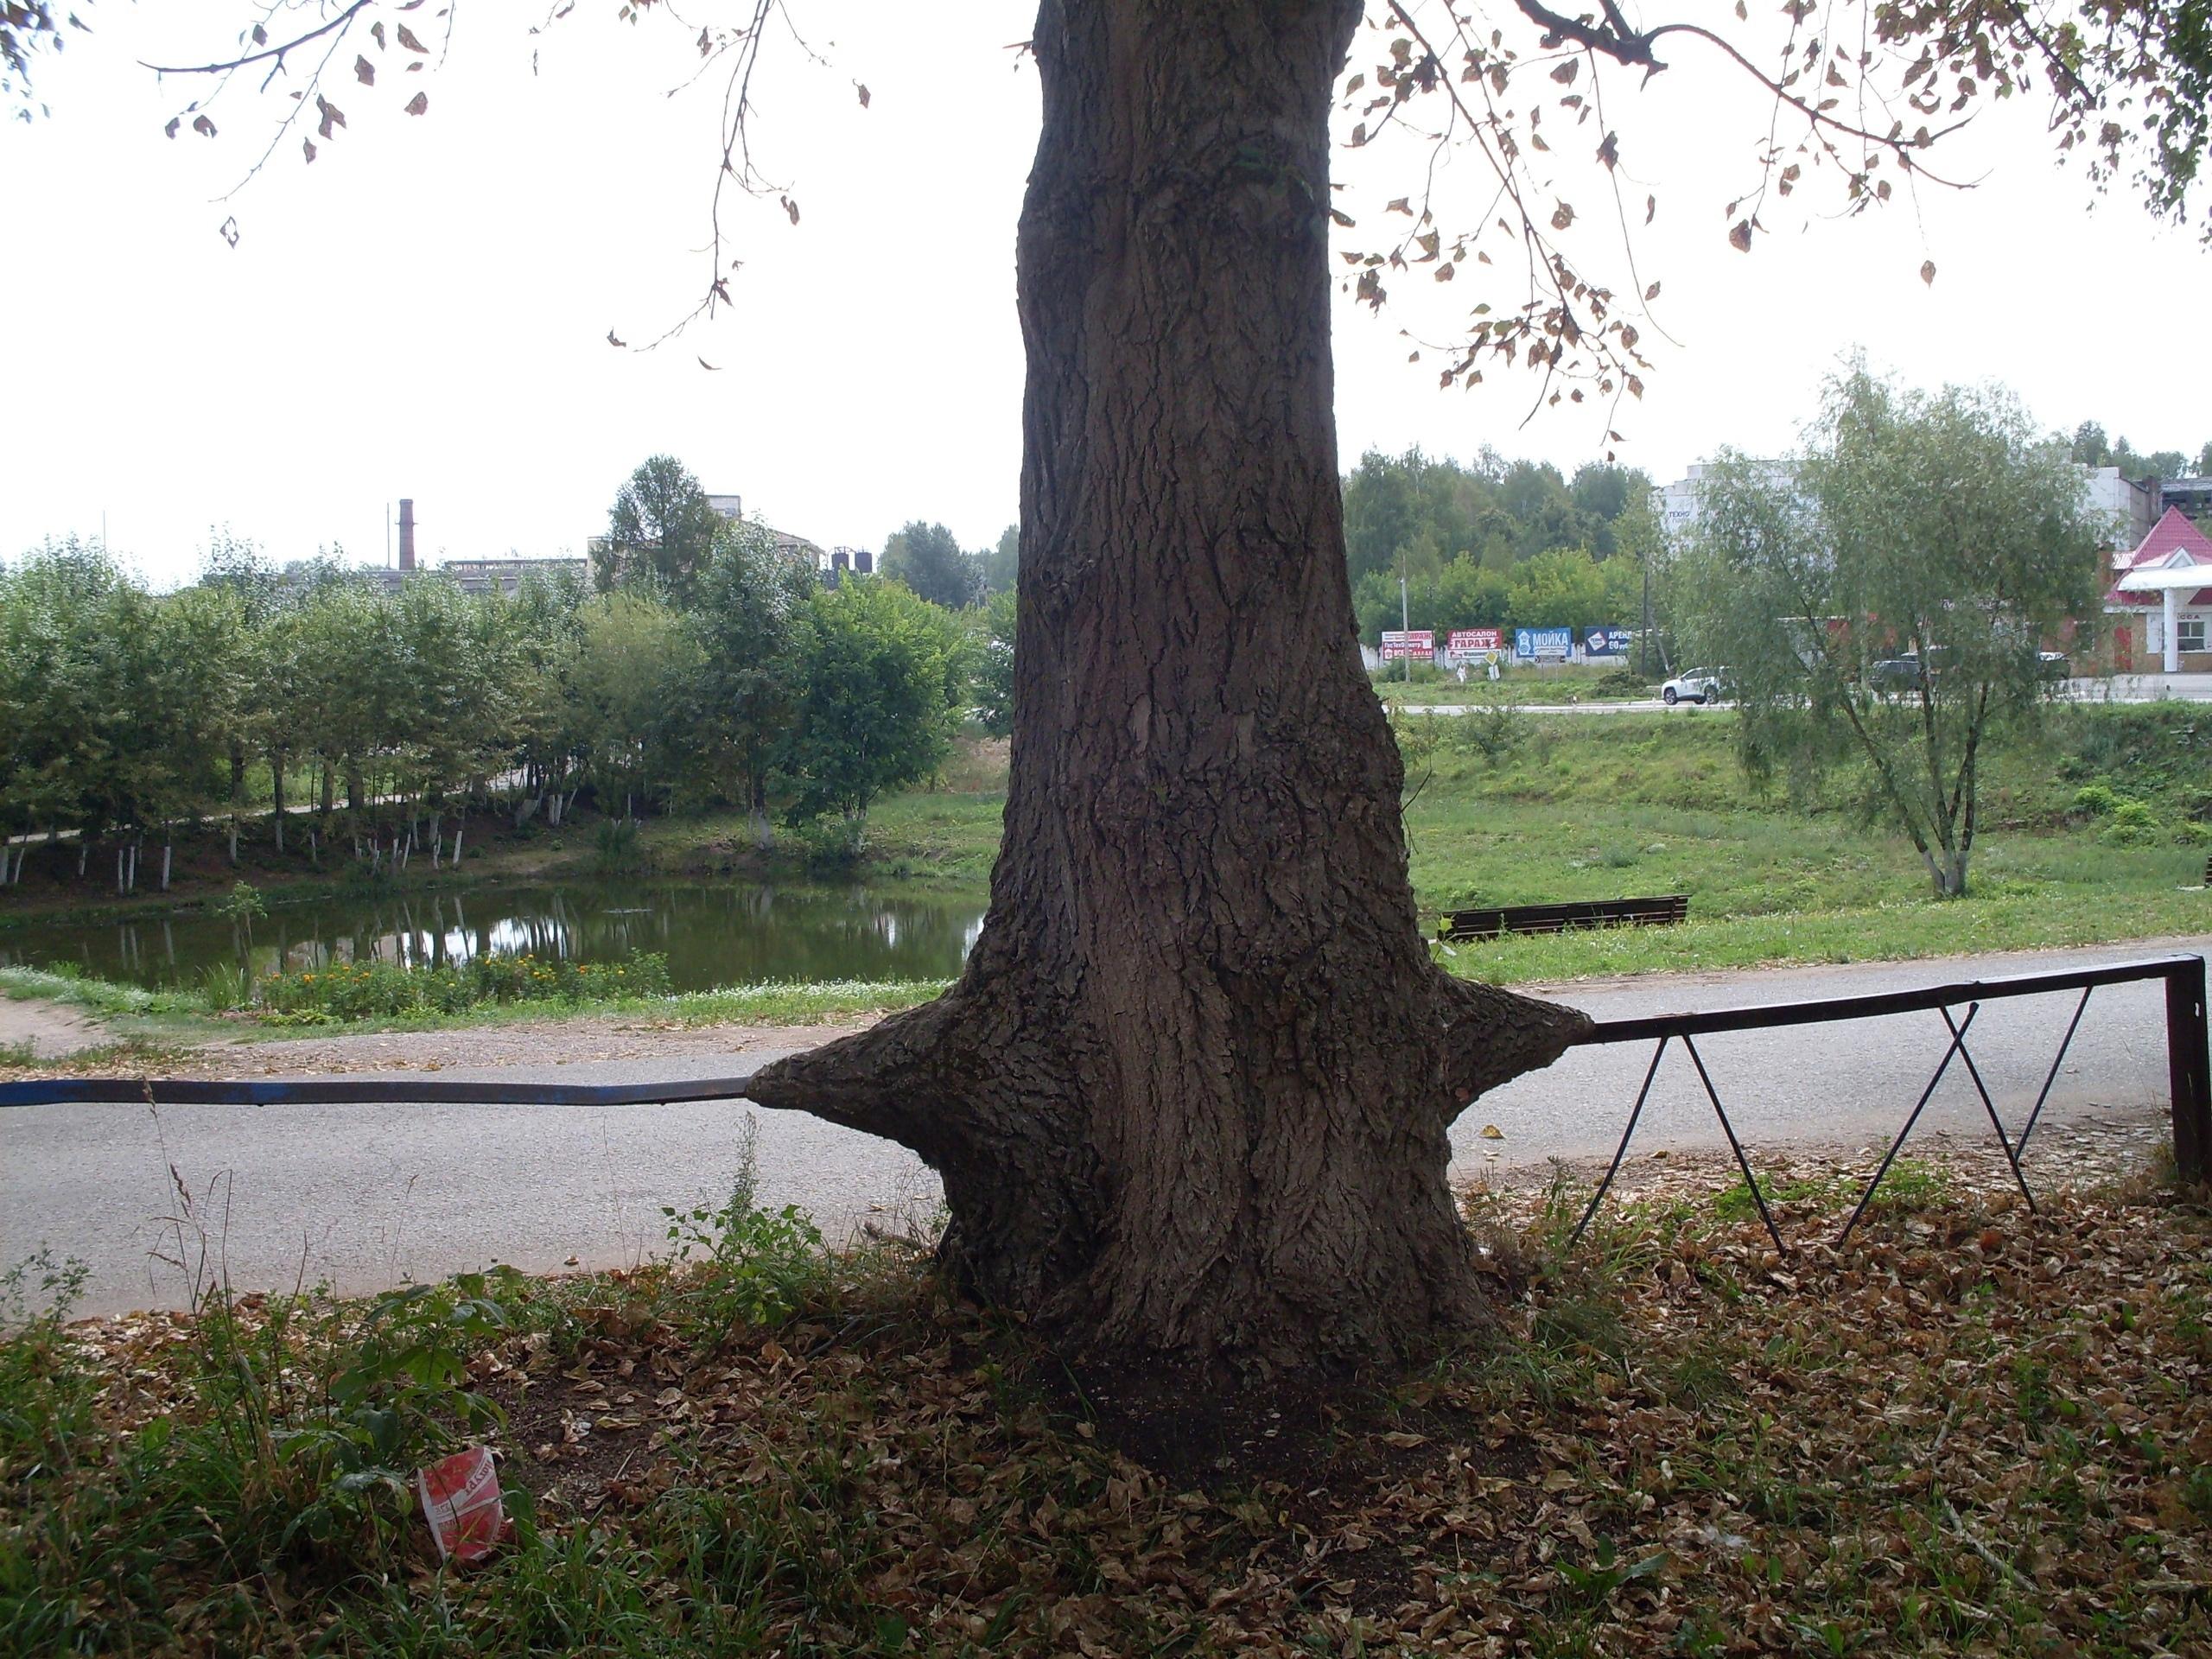 Заборчик этим тополям недалеко от Шиловского пруда